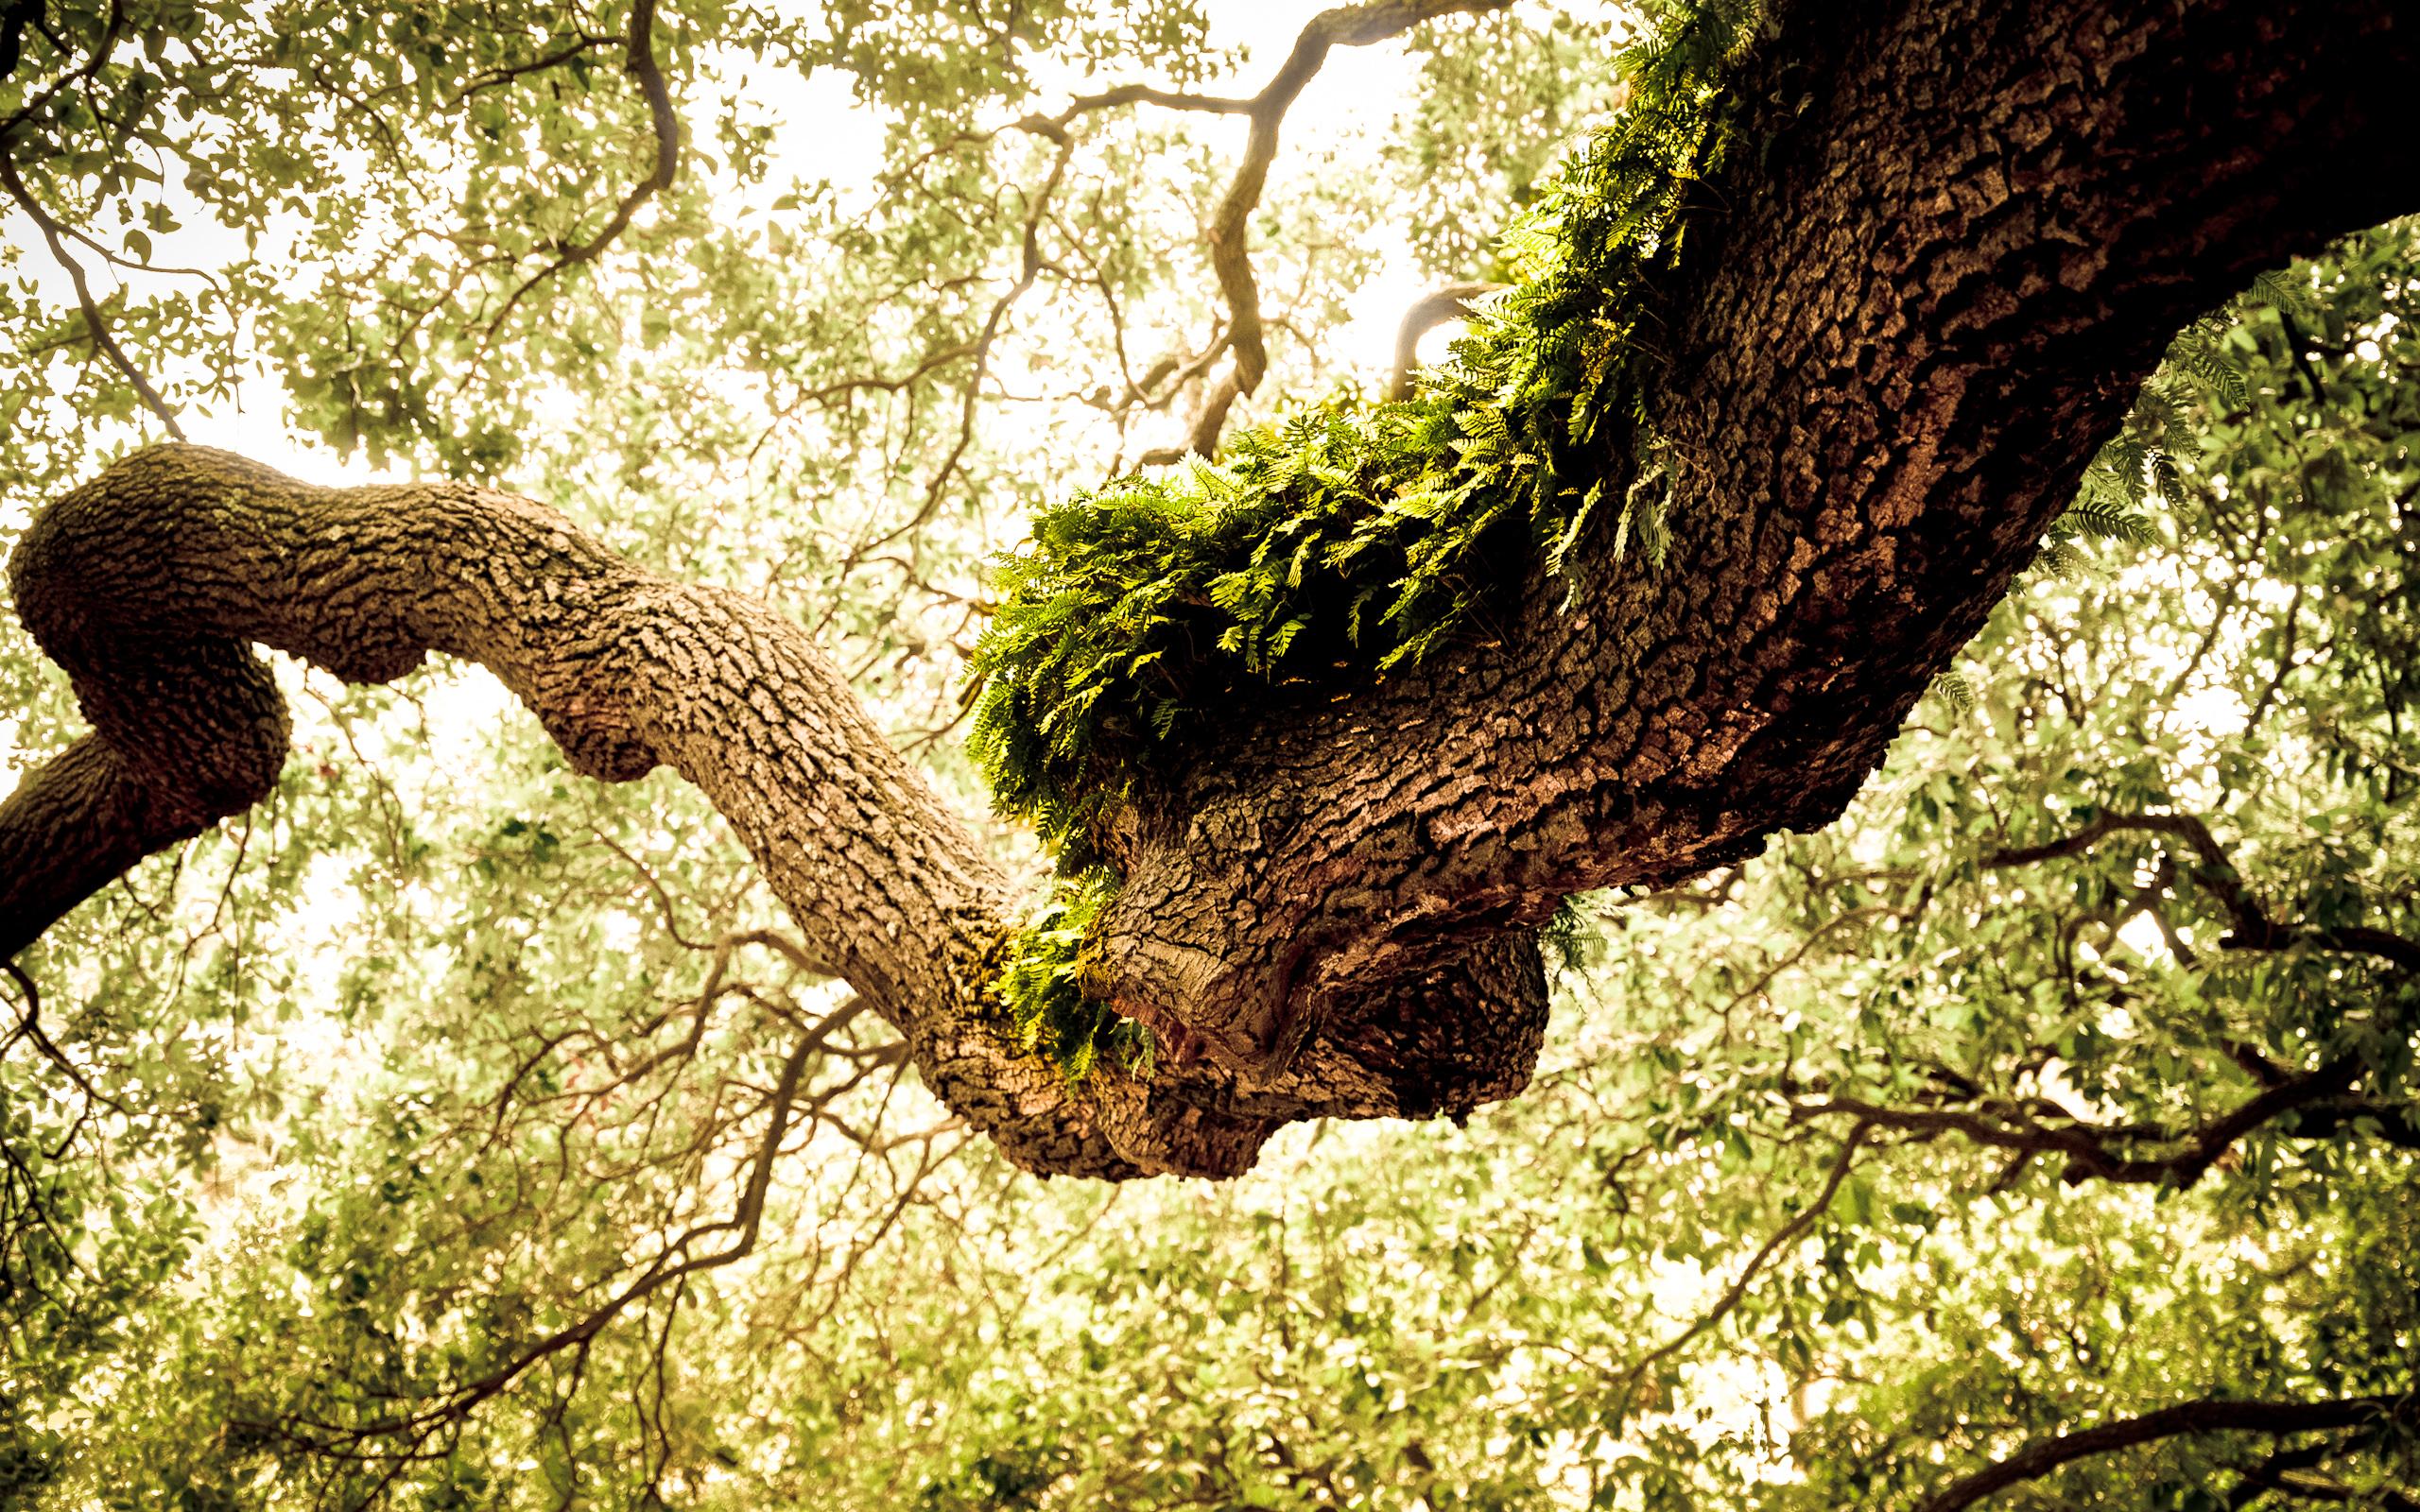 oak tree wallpaper green   HD Desktop Wallpapers 4k HD 2560x1600